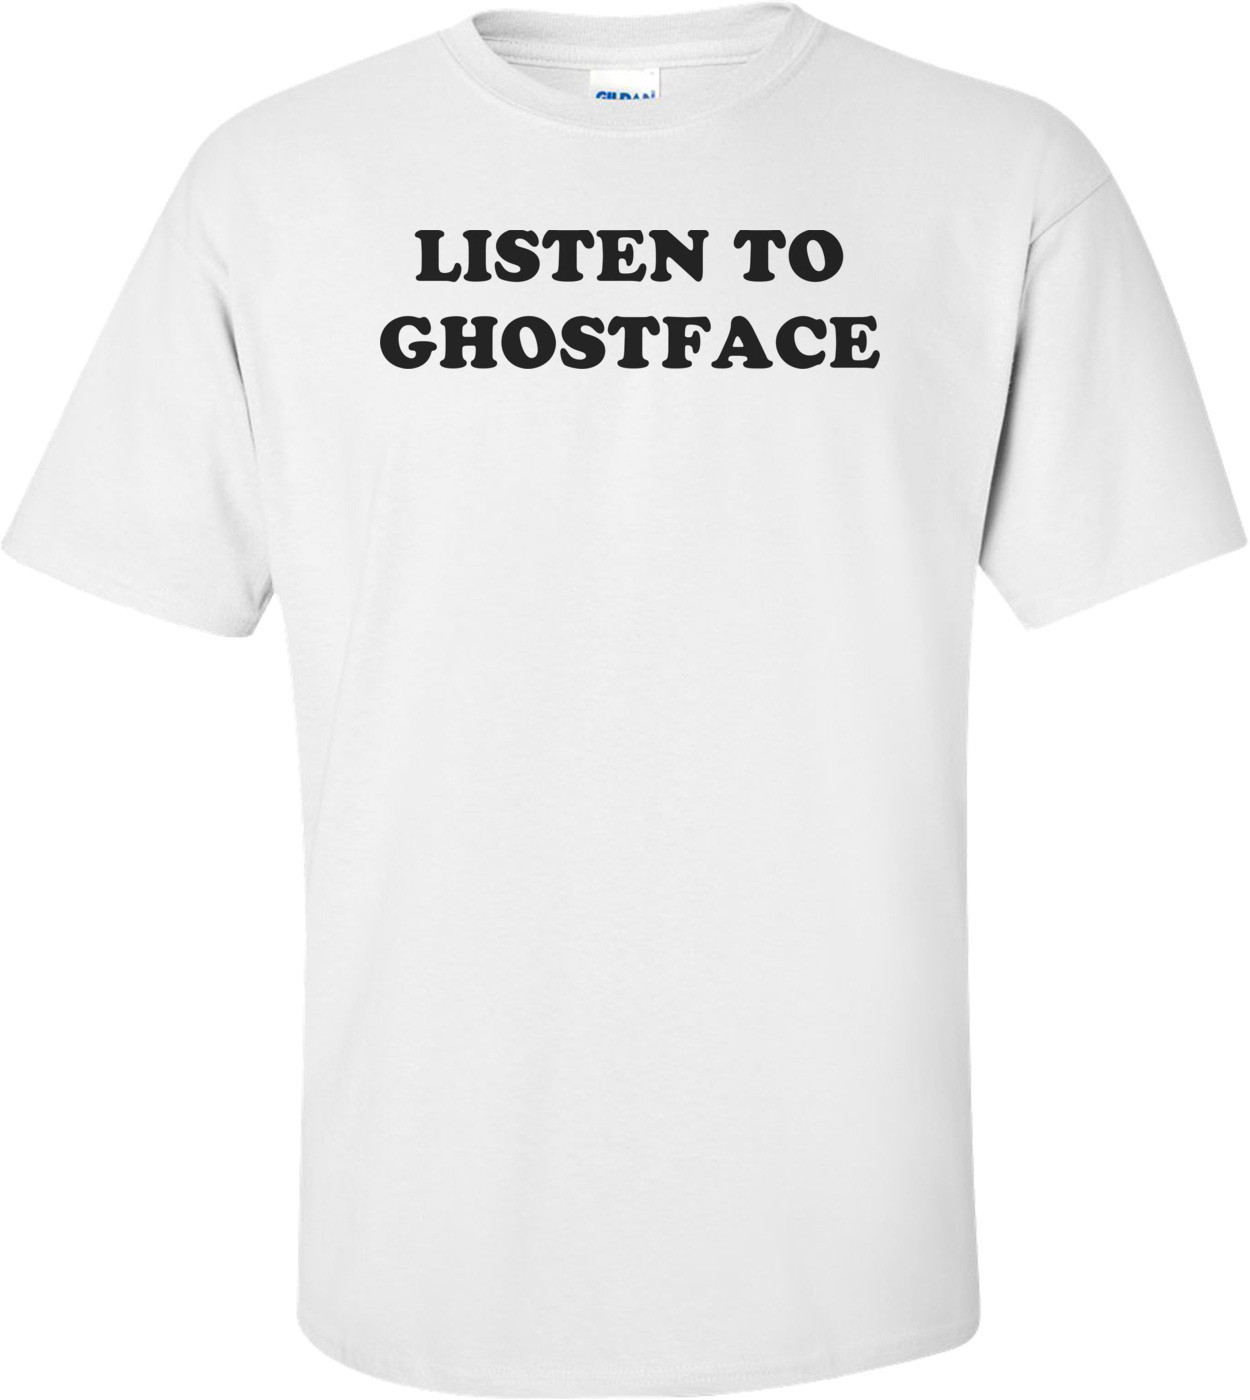 LISTEN TO GHOSTFACE Shirt